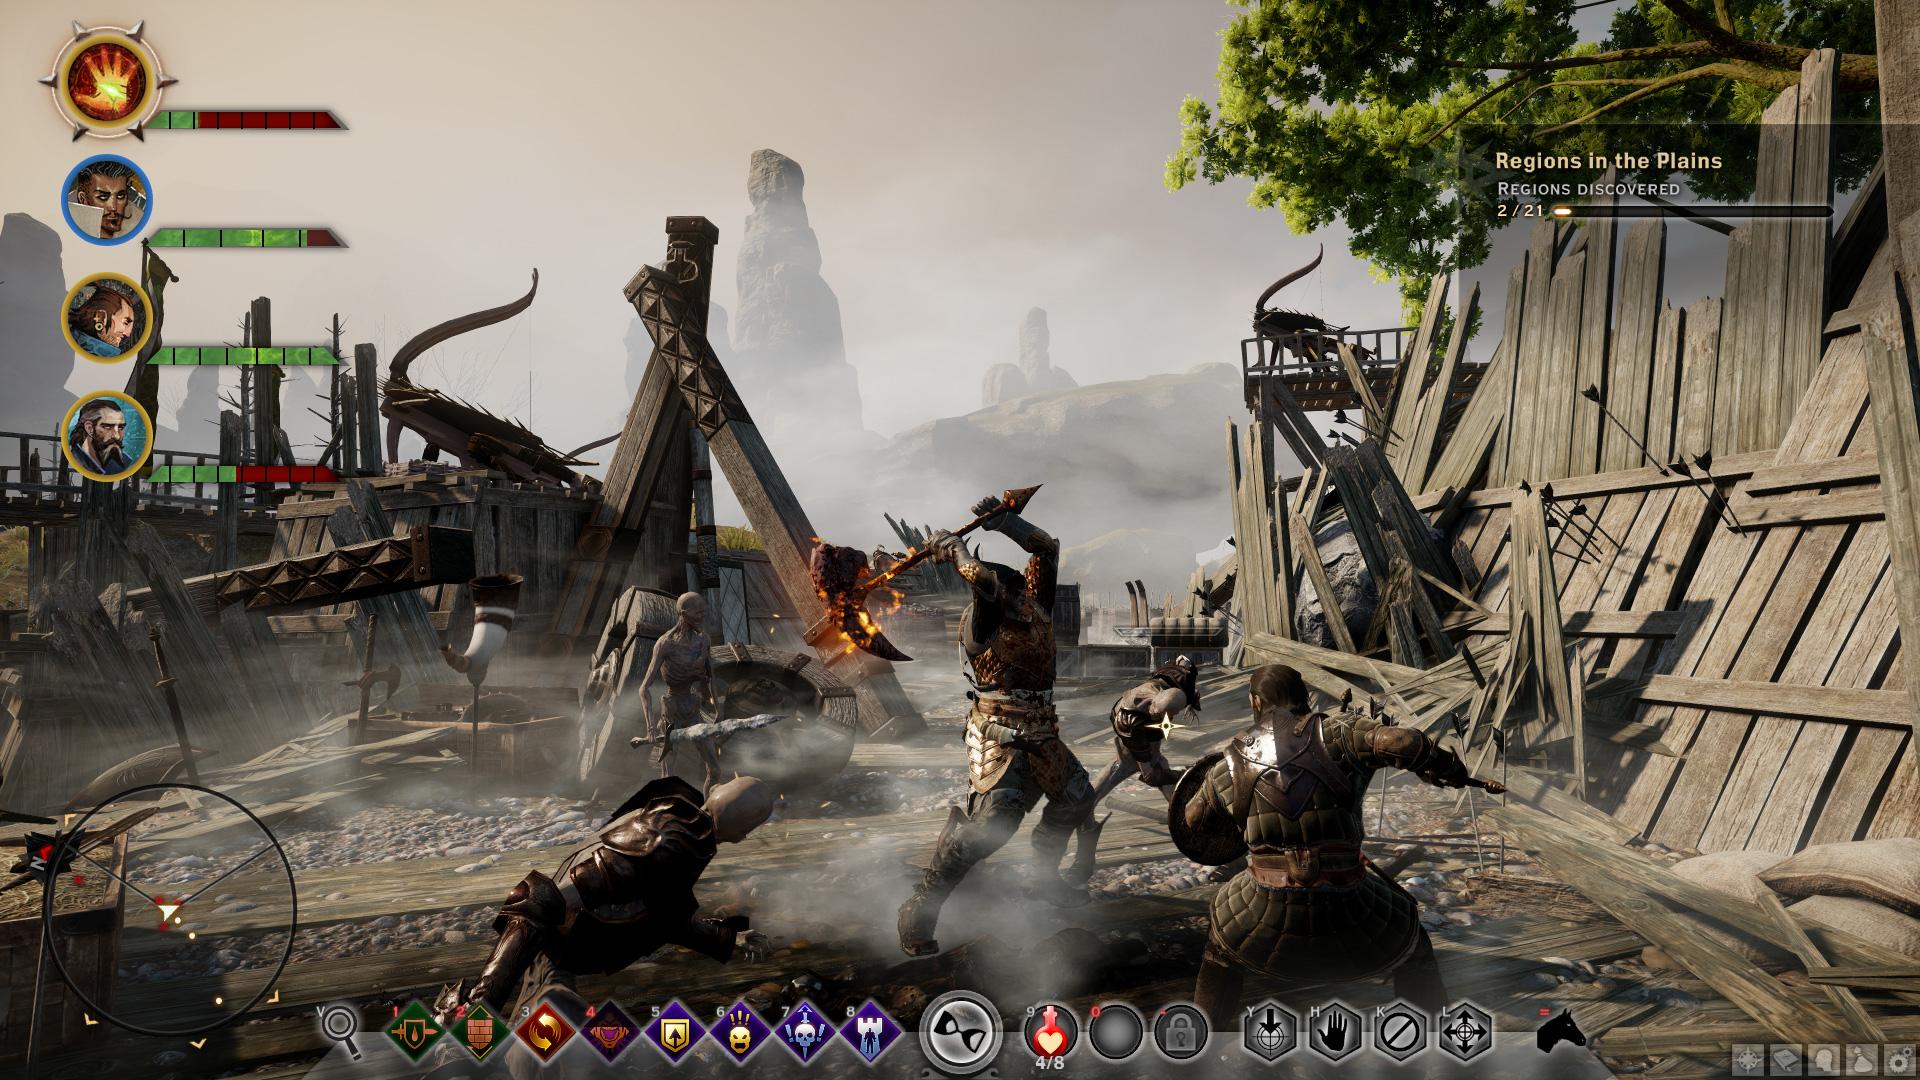 HW nároky Dragon Age: Inquisition jsou překvapivě nízké 101318